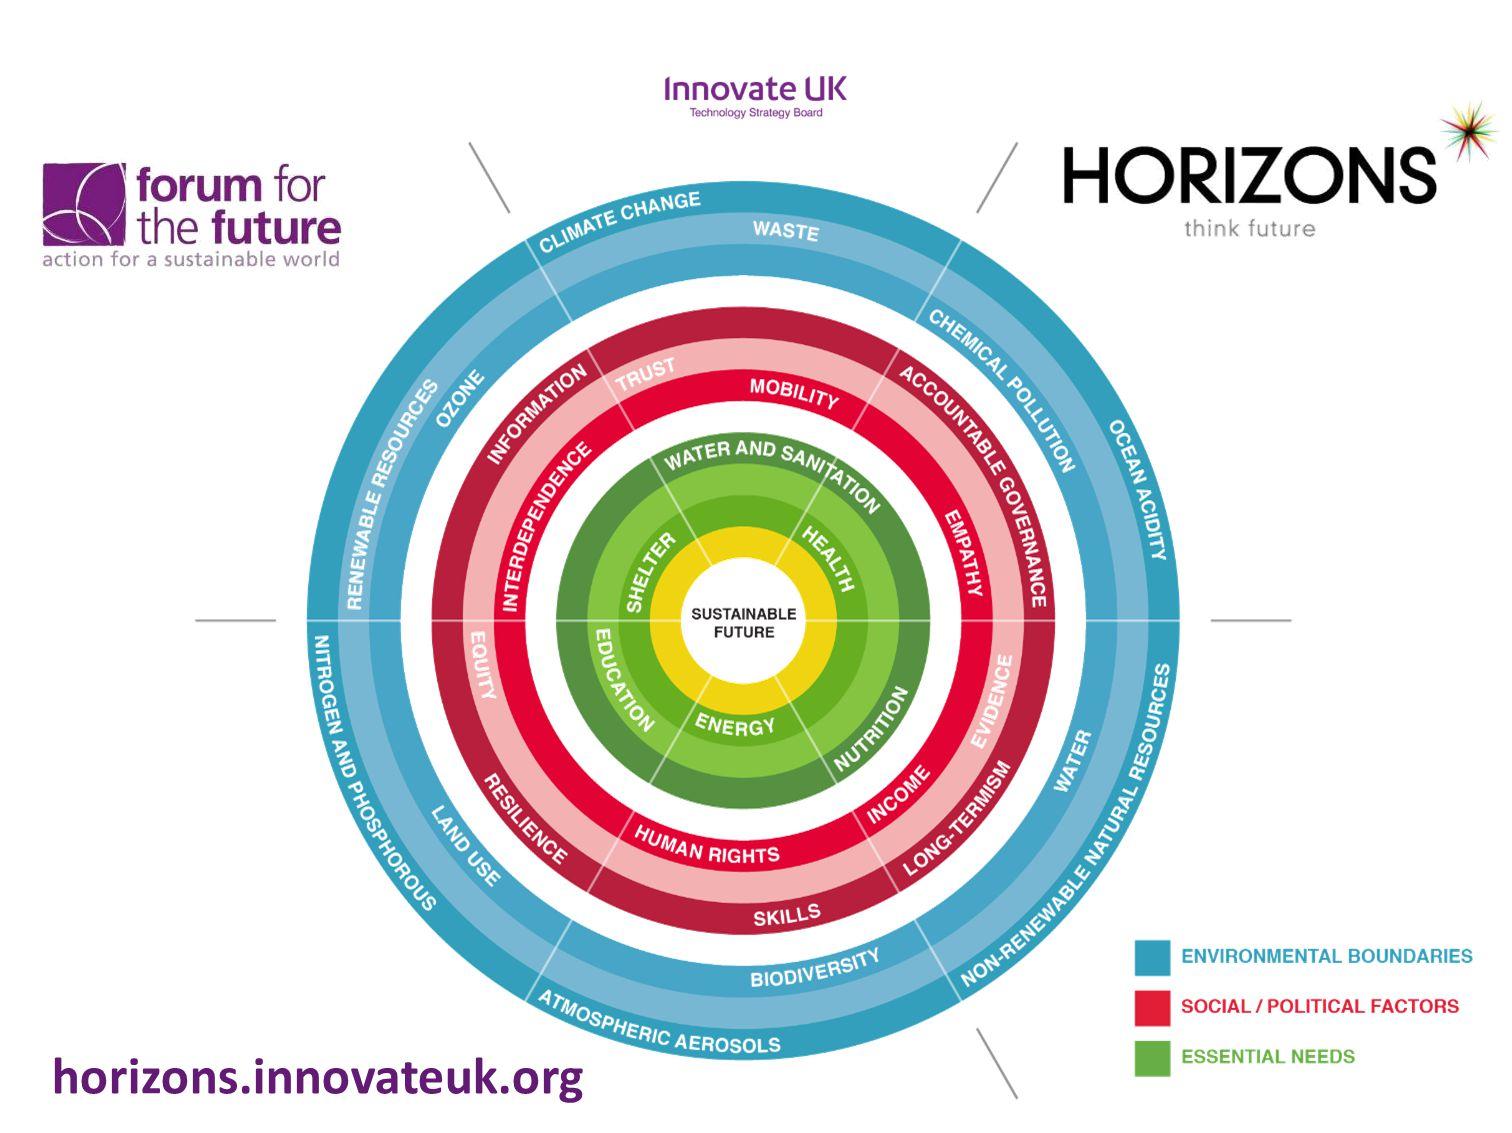 horizons.innovateuk.org